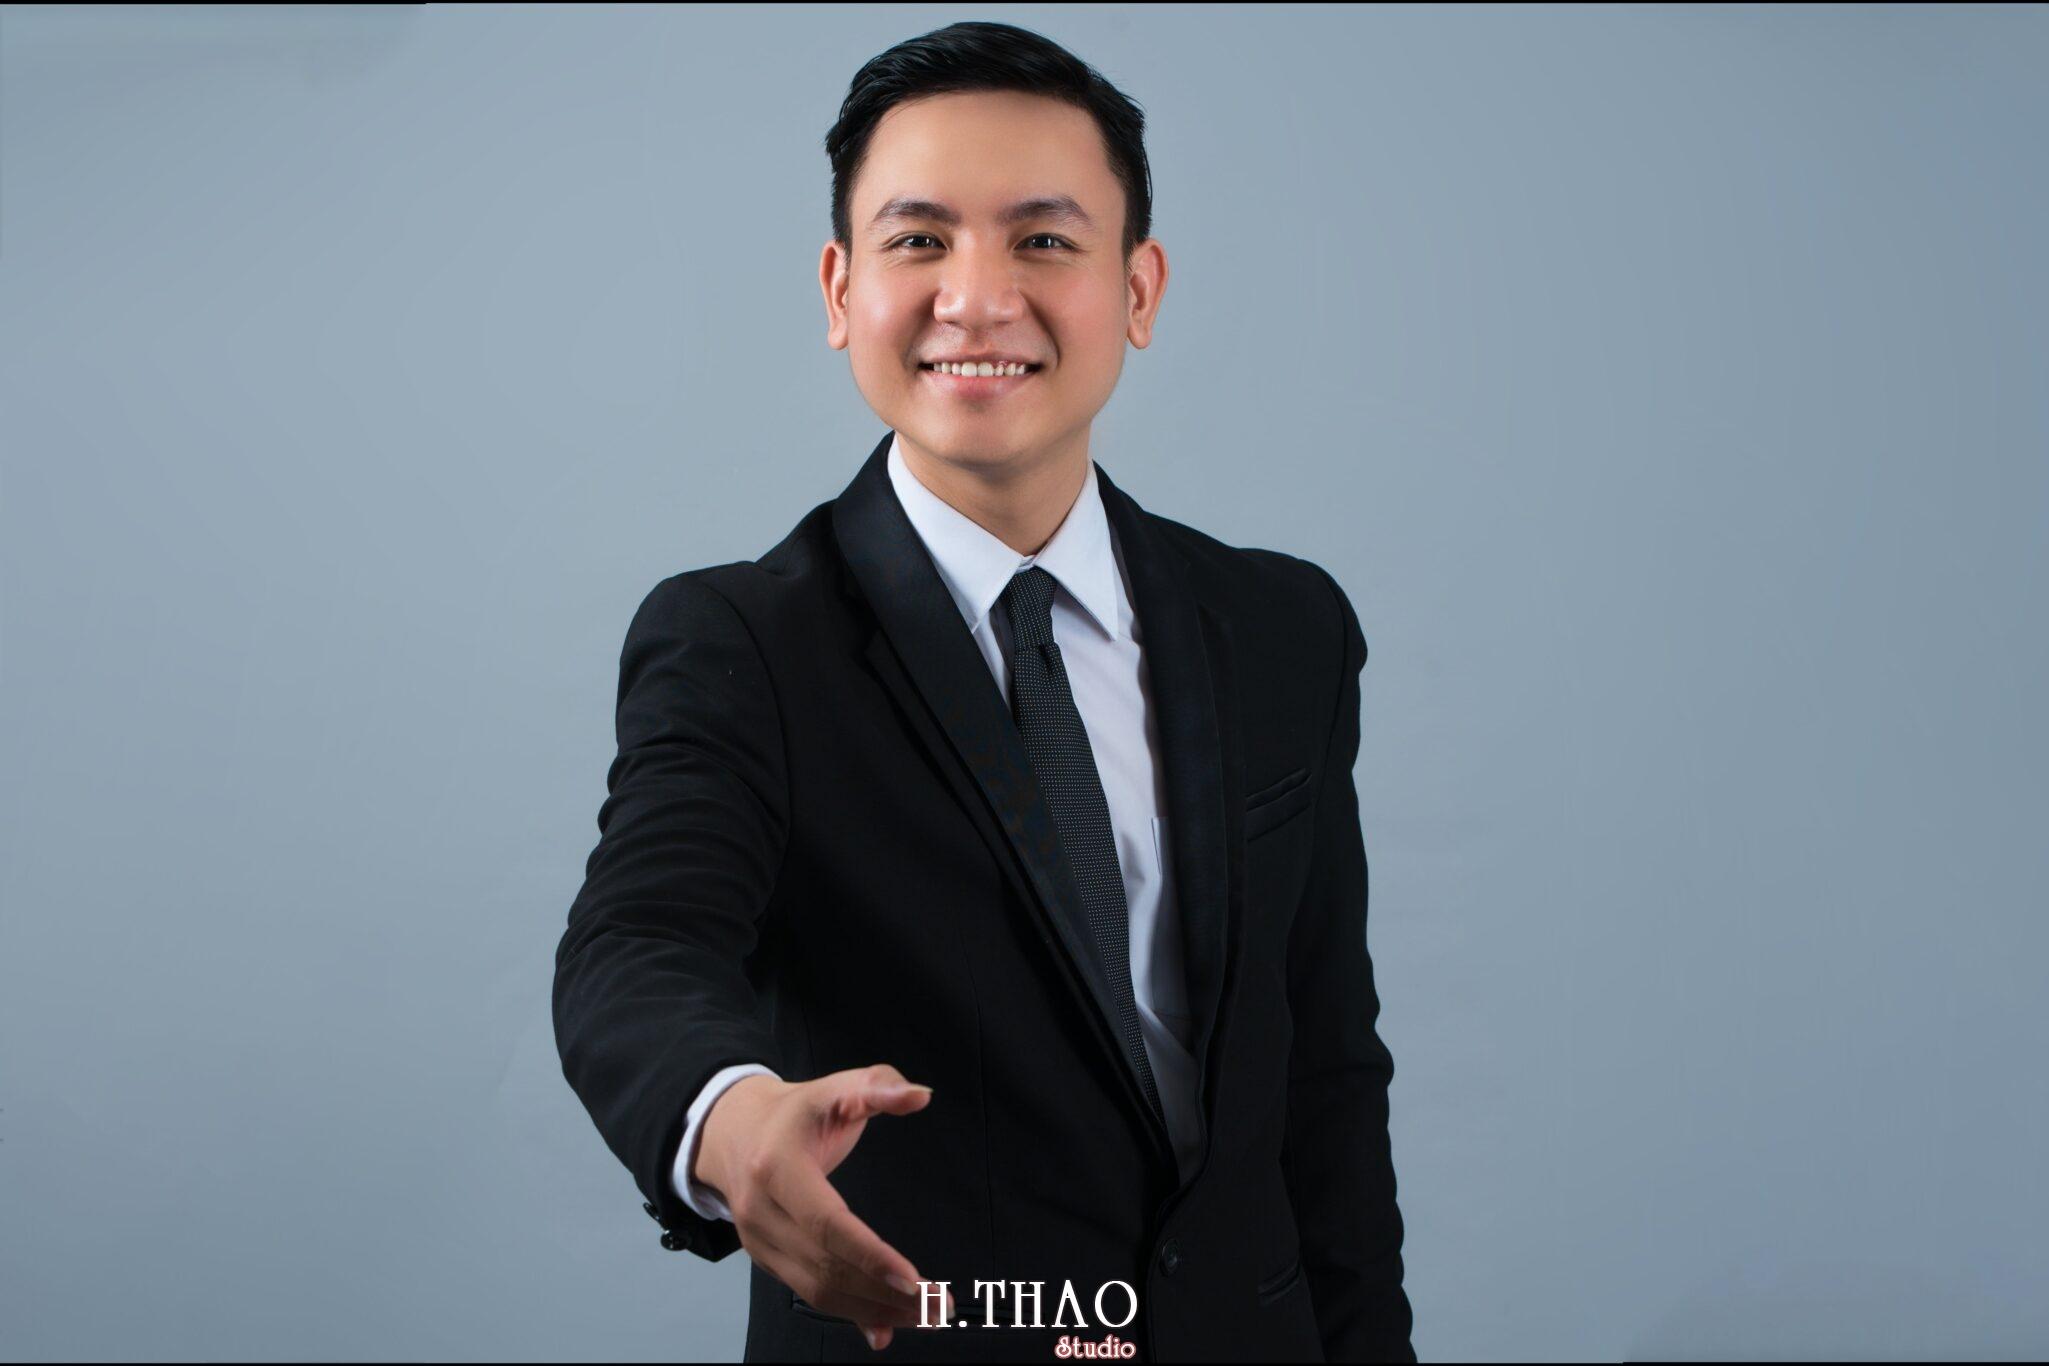 anh profile nam lich lam chuyen nghiep scaled - HThao Studio - Chuyên chụp hình chân dung doanh nhân đẹp ở Tp.HCM